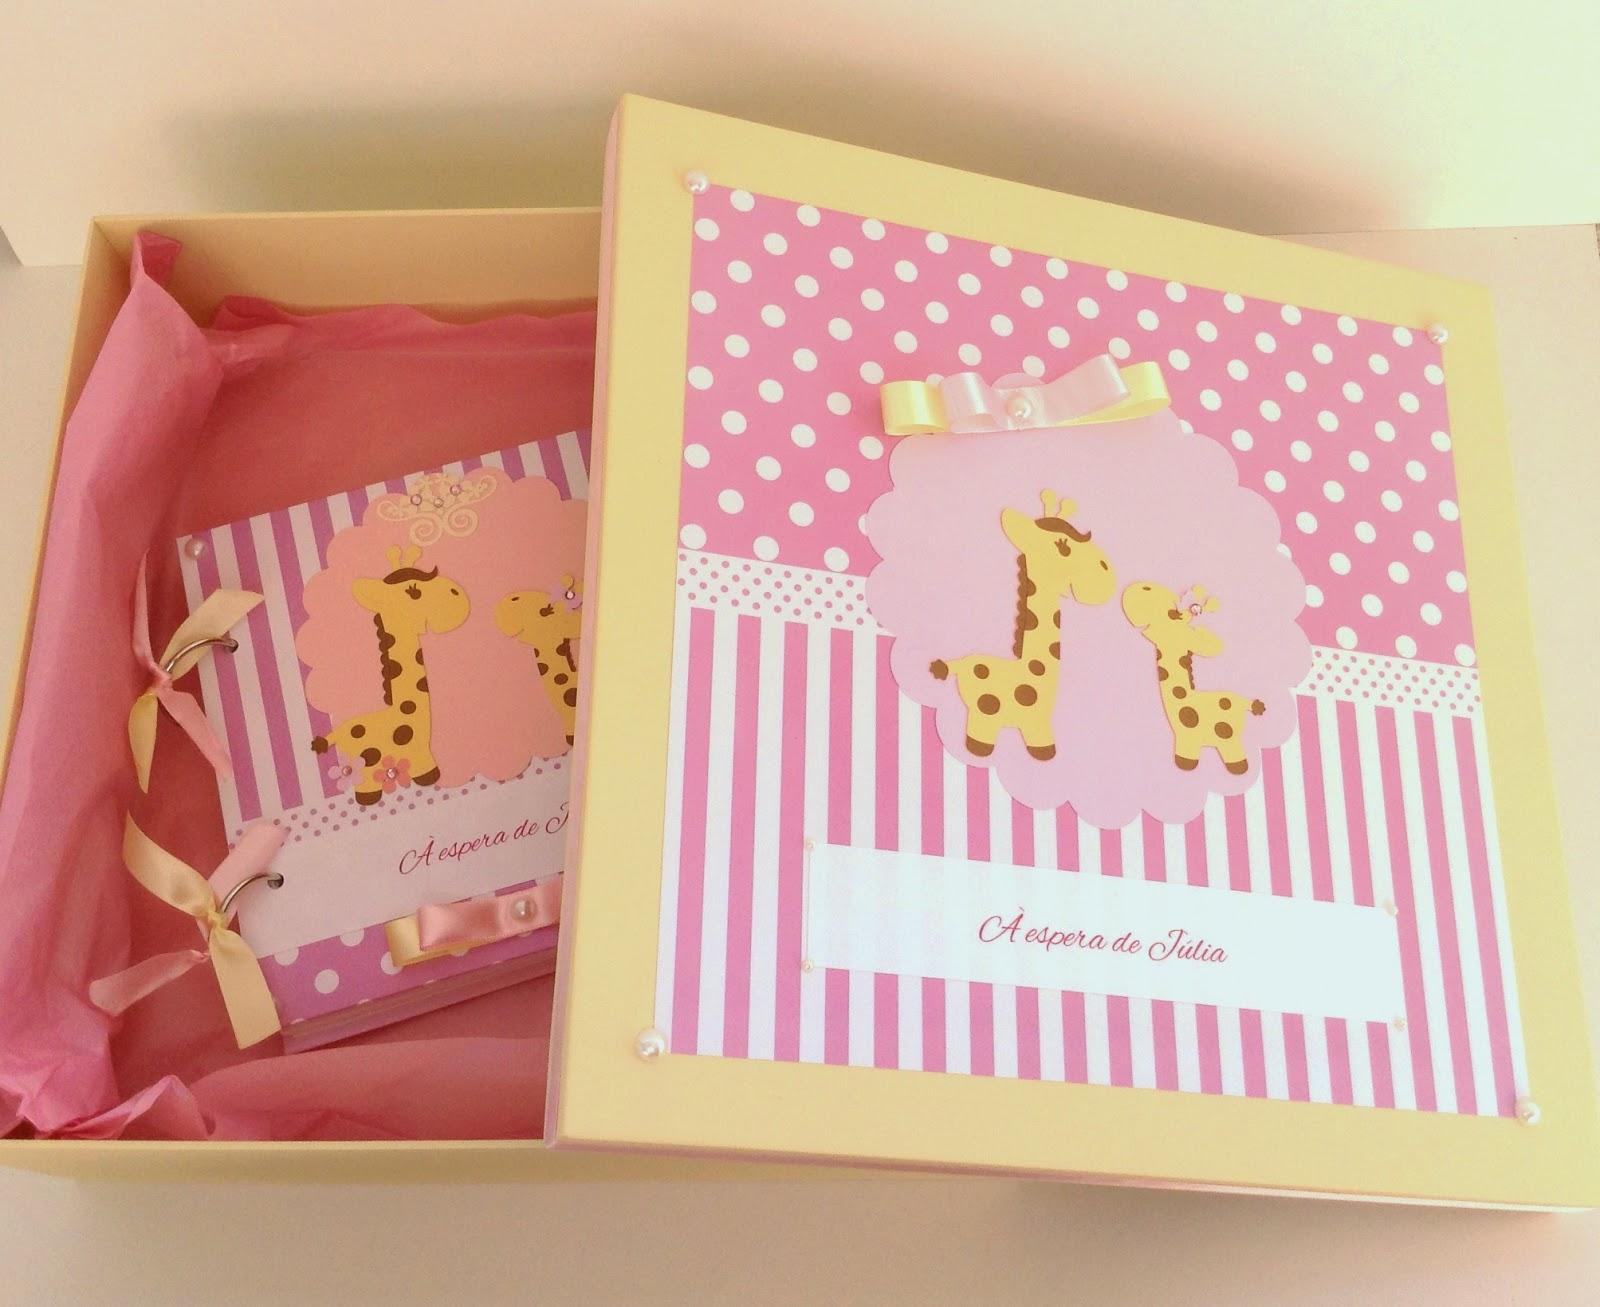 Diário da gravidez, diário da gestante, álbum gravidez scrapbook, diário gravidez personalizado